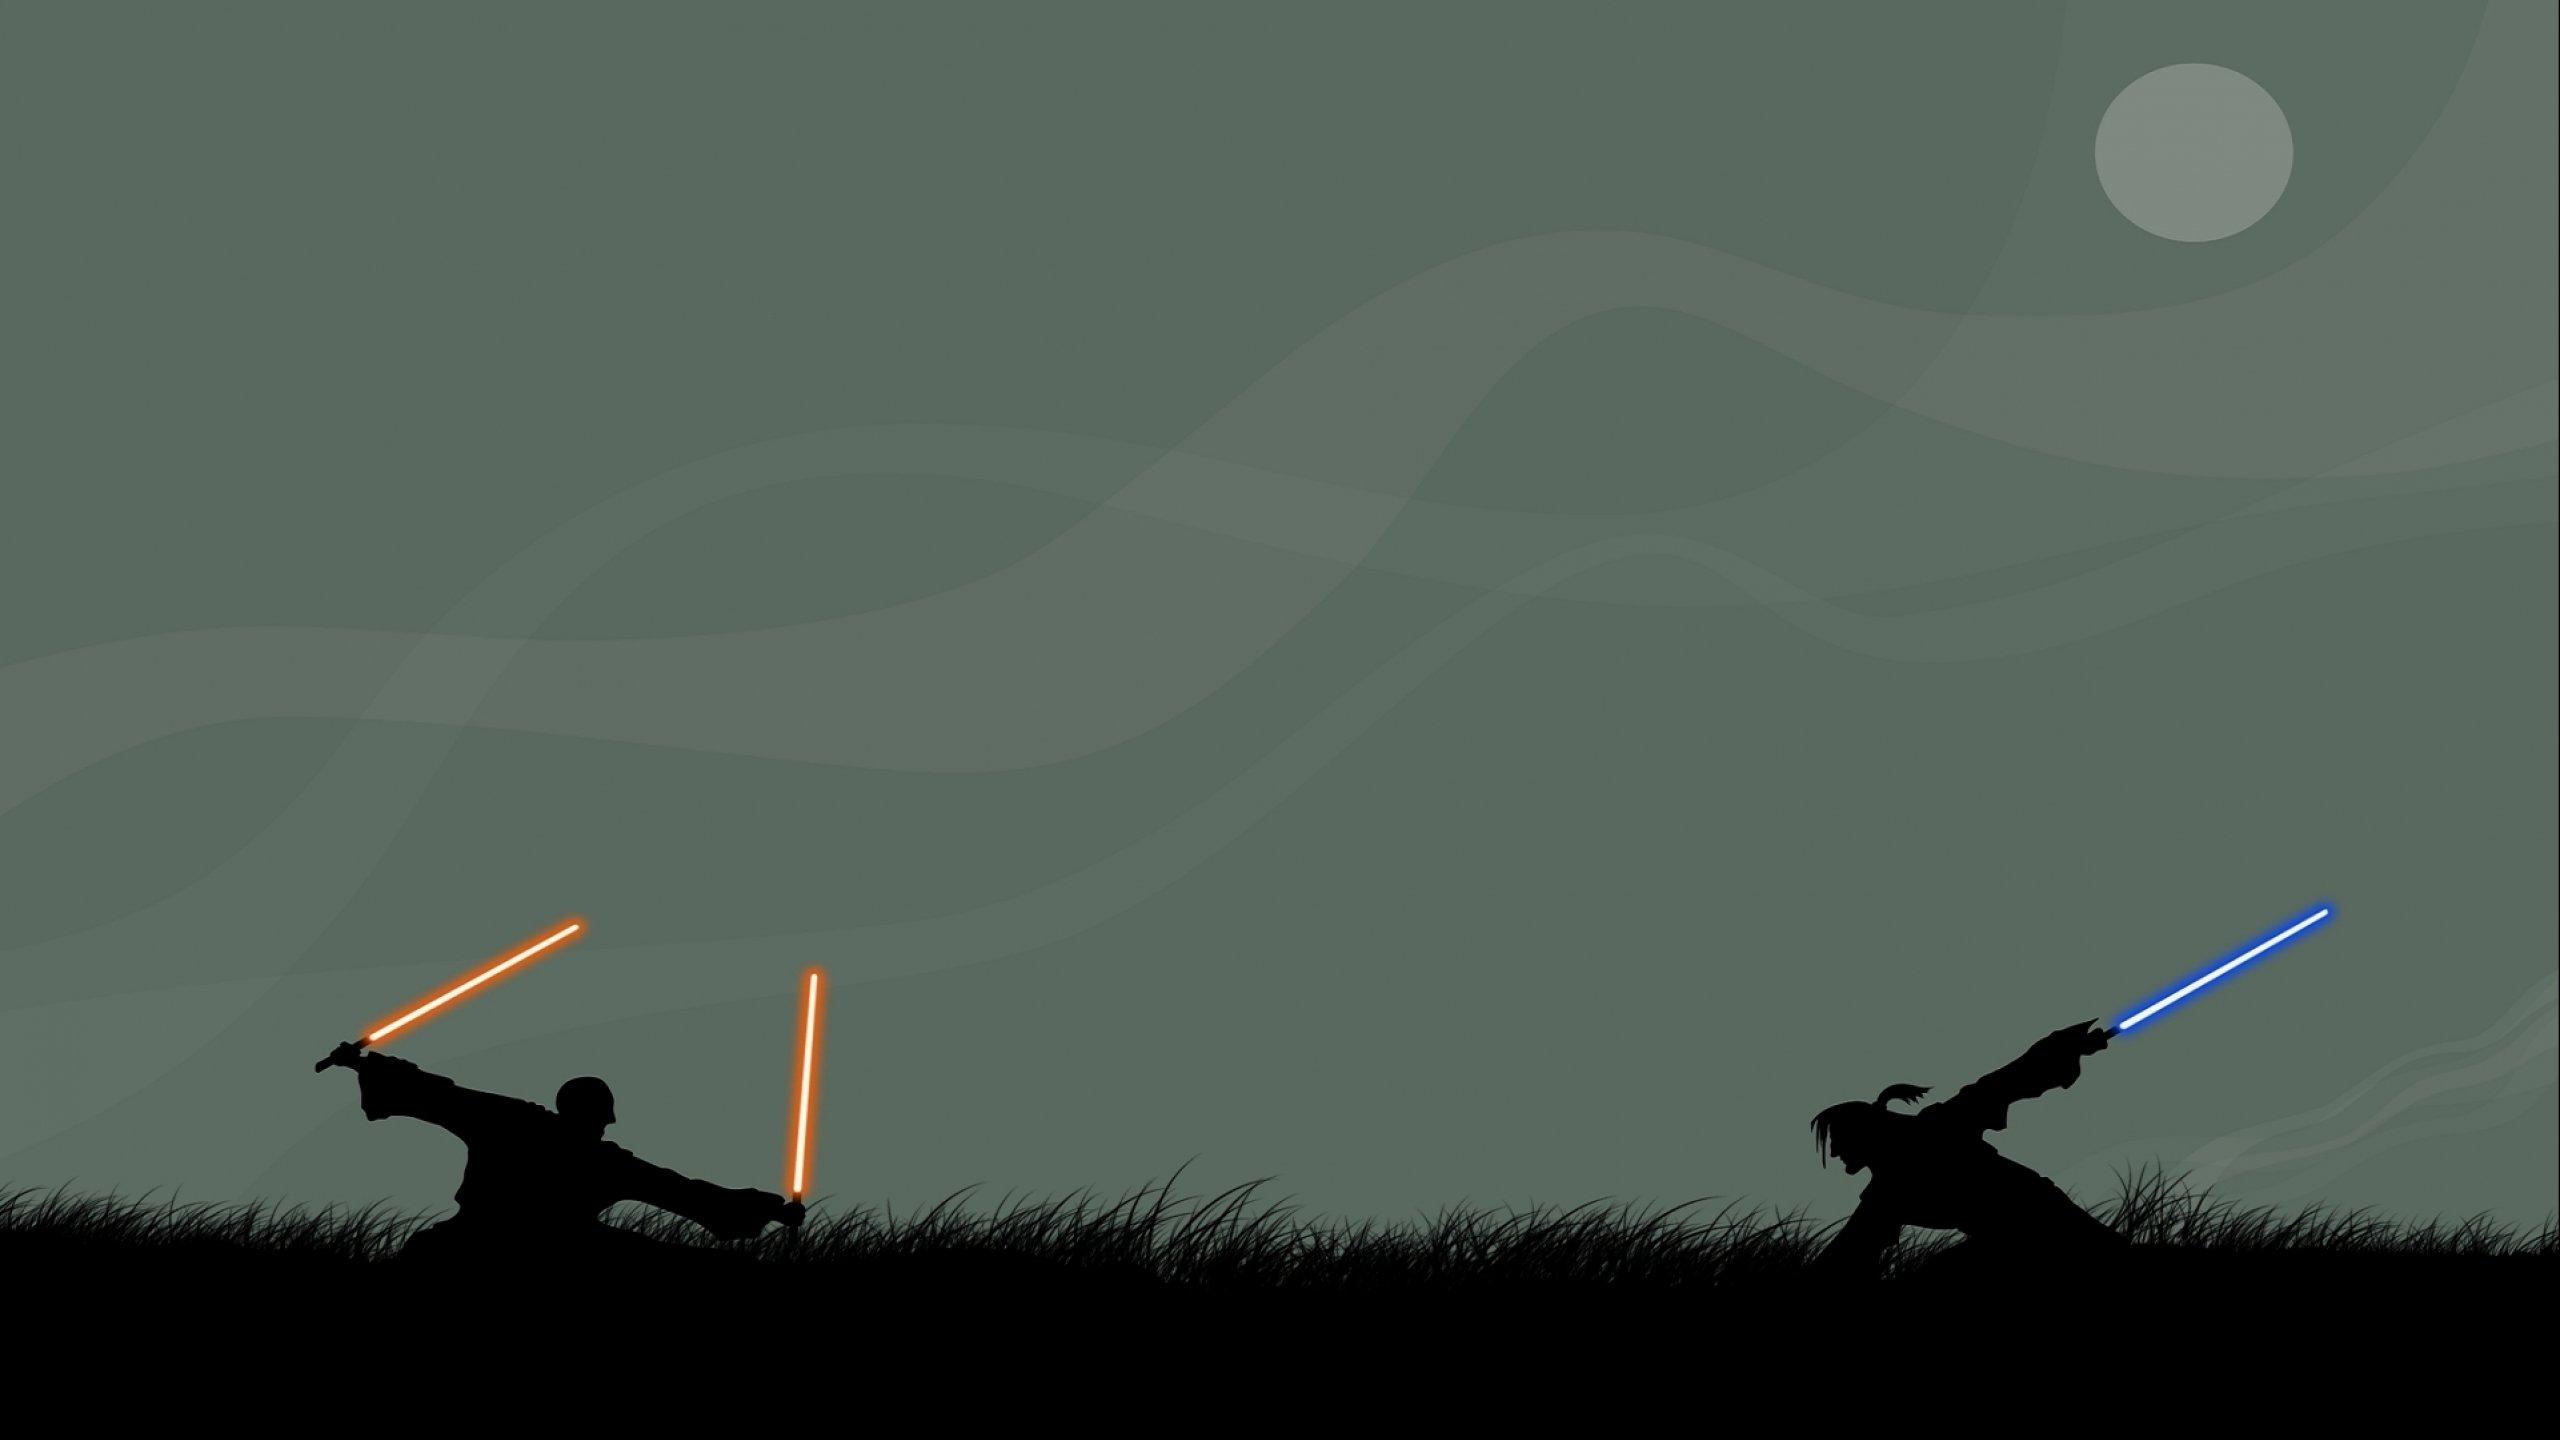 Star Wars Sci Fi Futuristic Artwork Disney D Wallpaper 2560x1440 703478 Wallpaperup